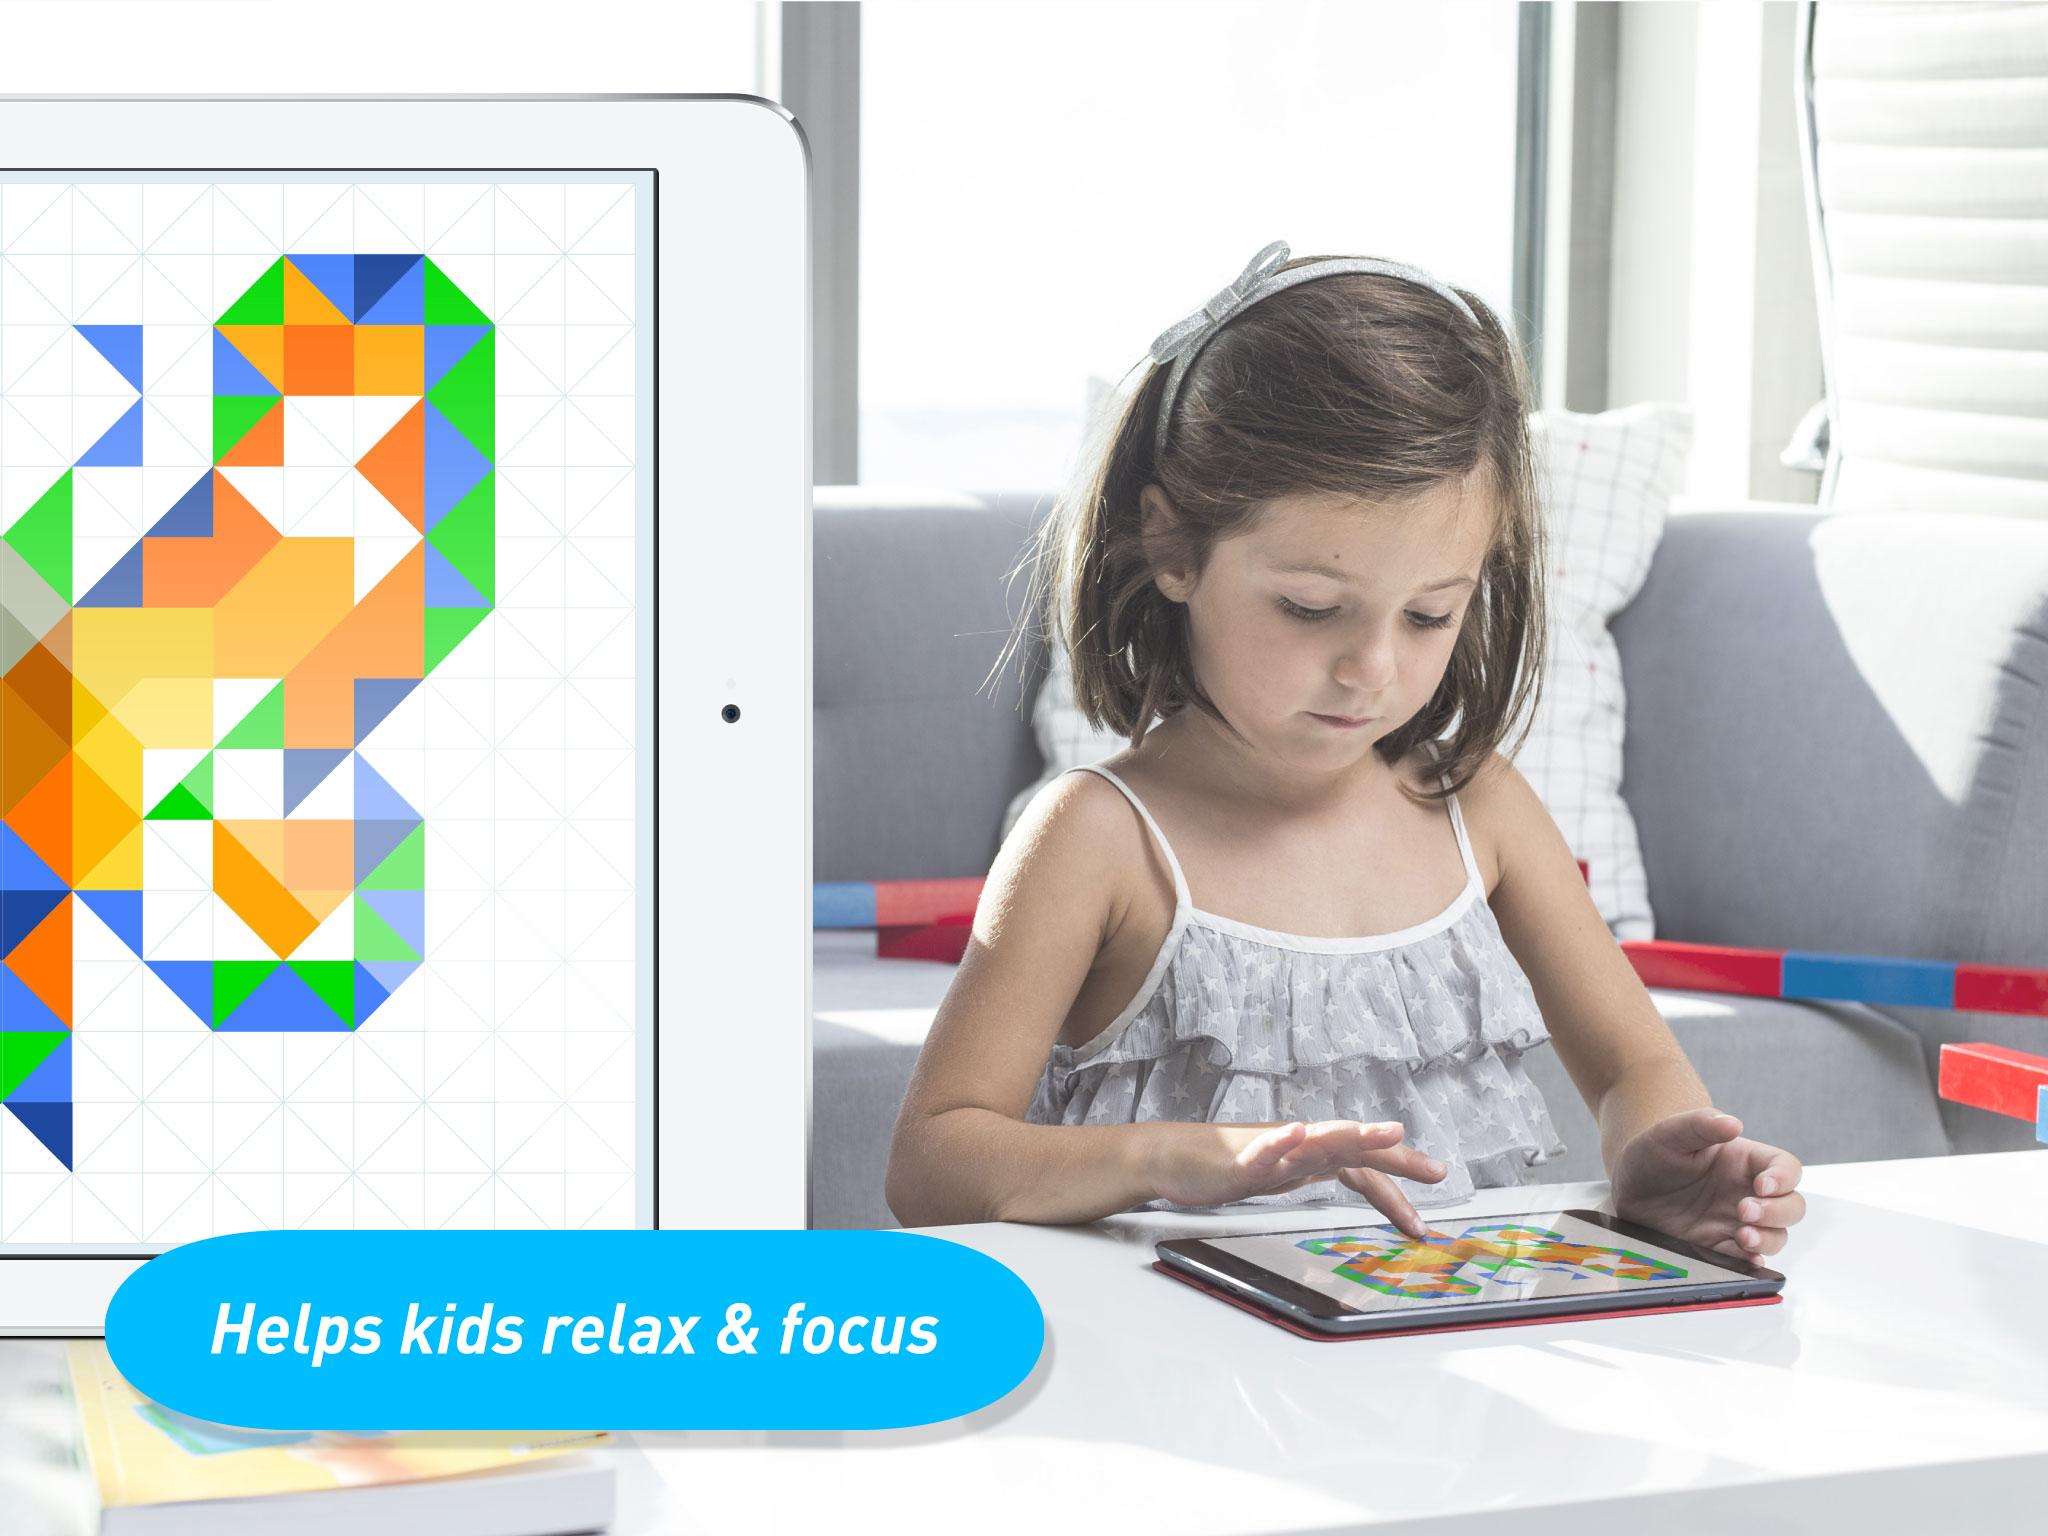 2_iPad_2048x1536 (1).jpg